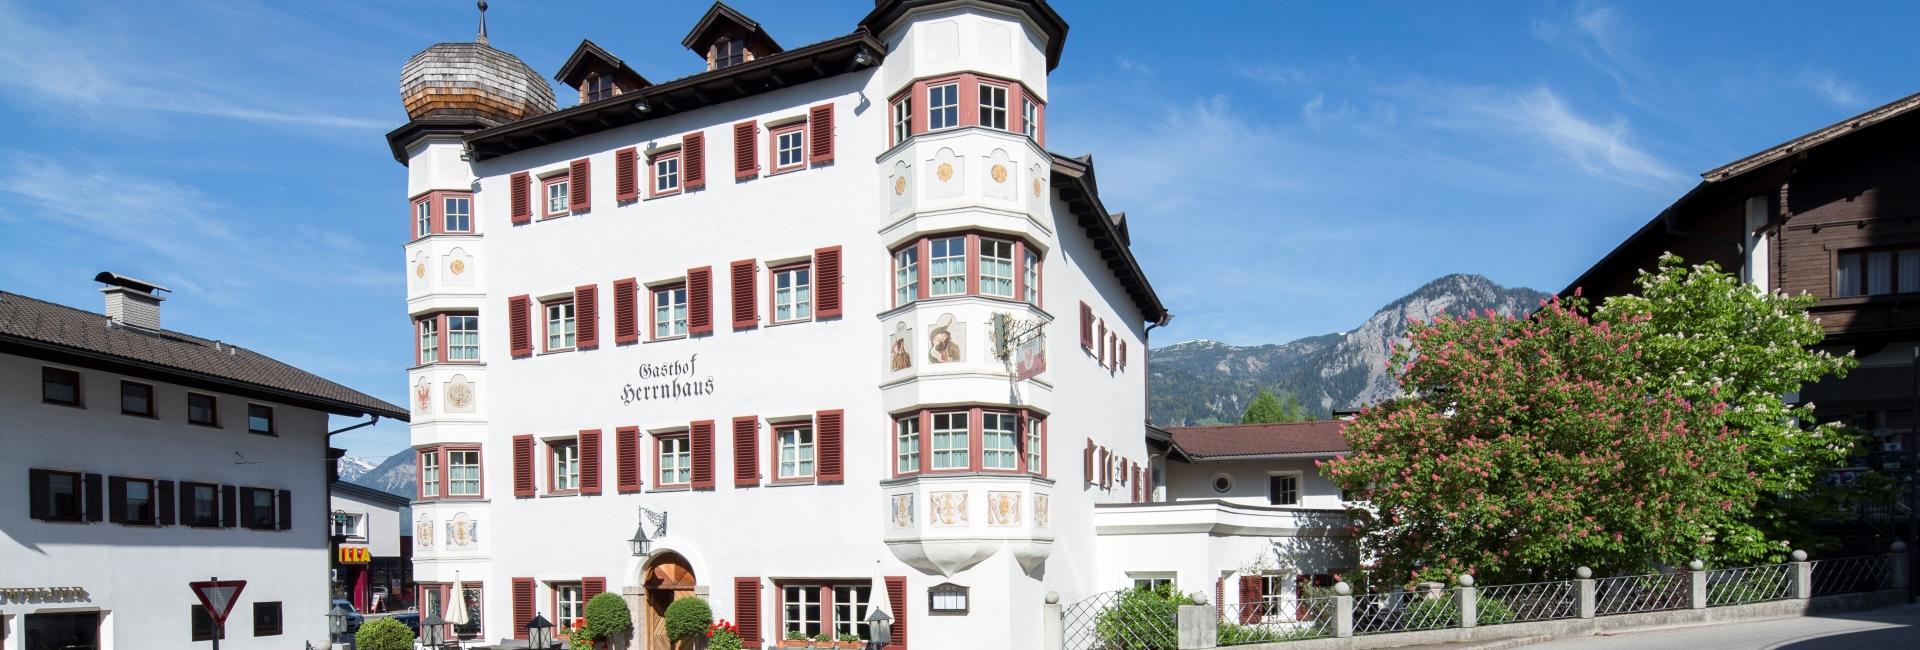 Gasthof Herrnhaus in Brixlegg